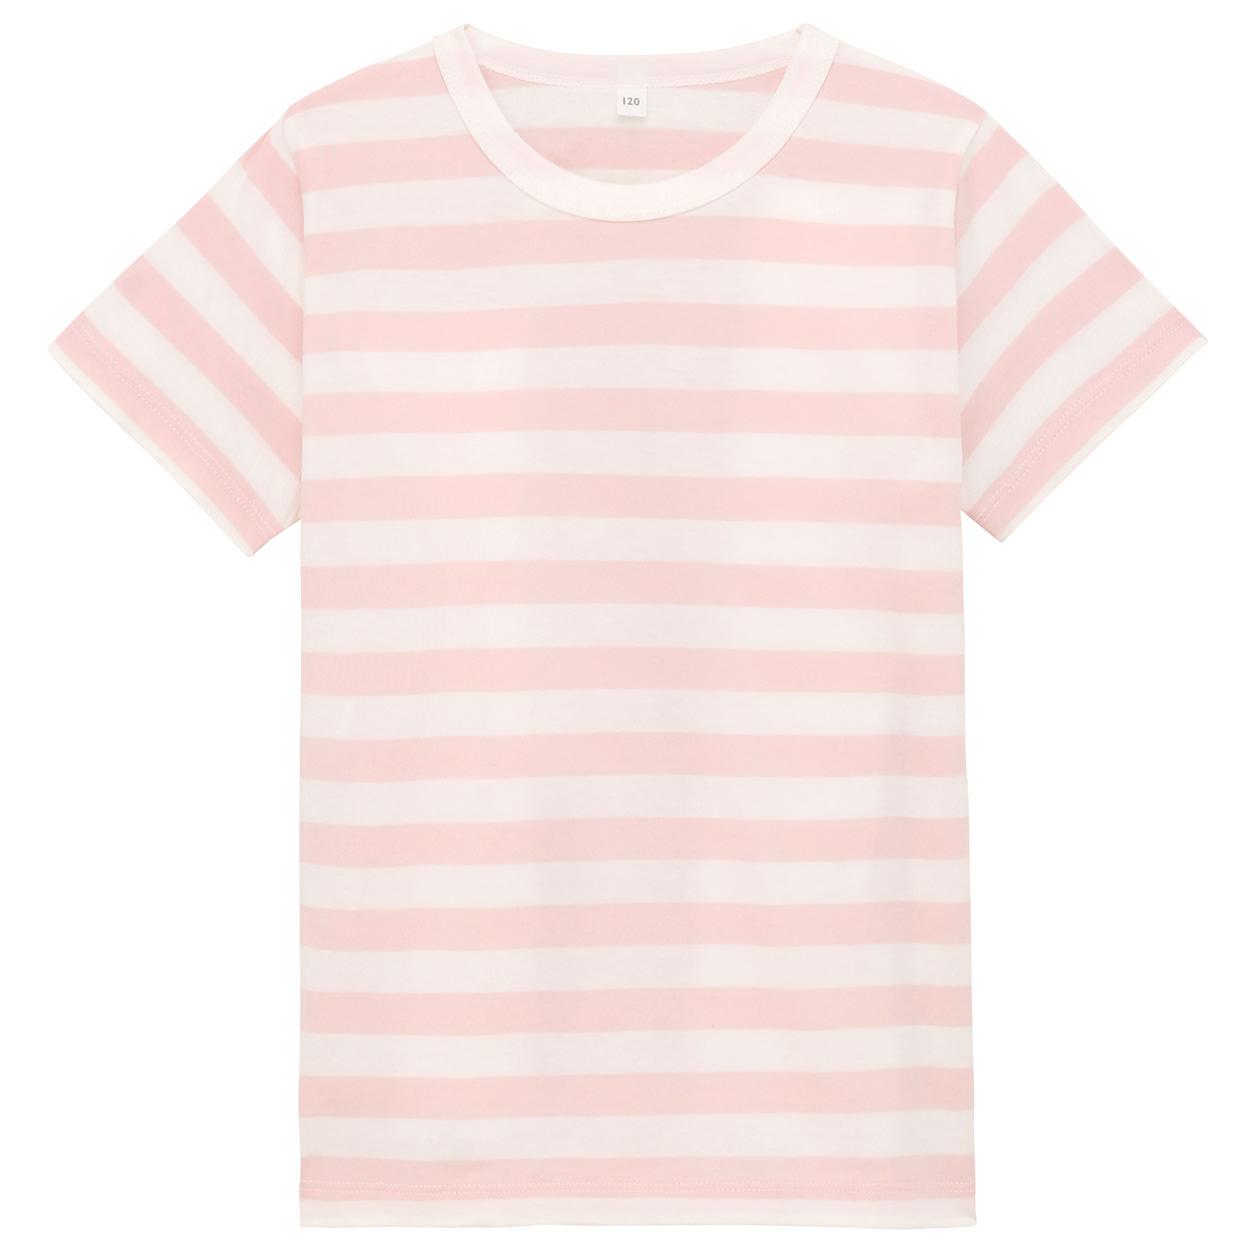 毎日のこども服オーガニックコットンしましま半袖Tシャツ(キッズ)